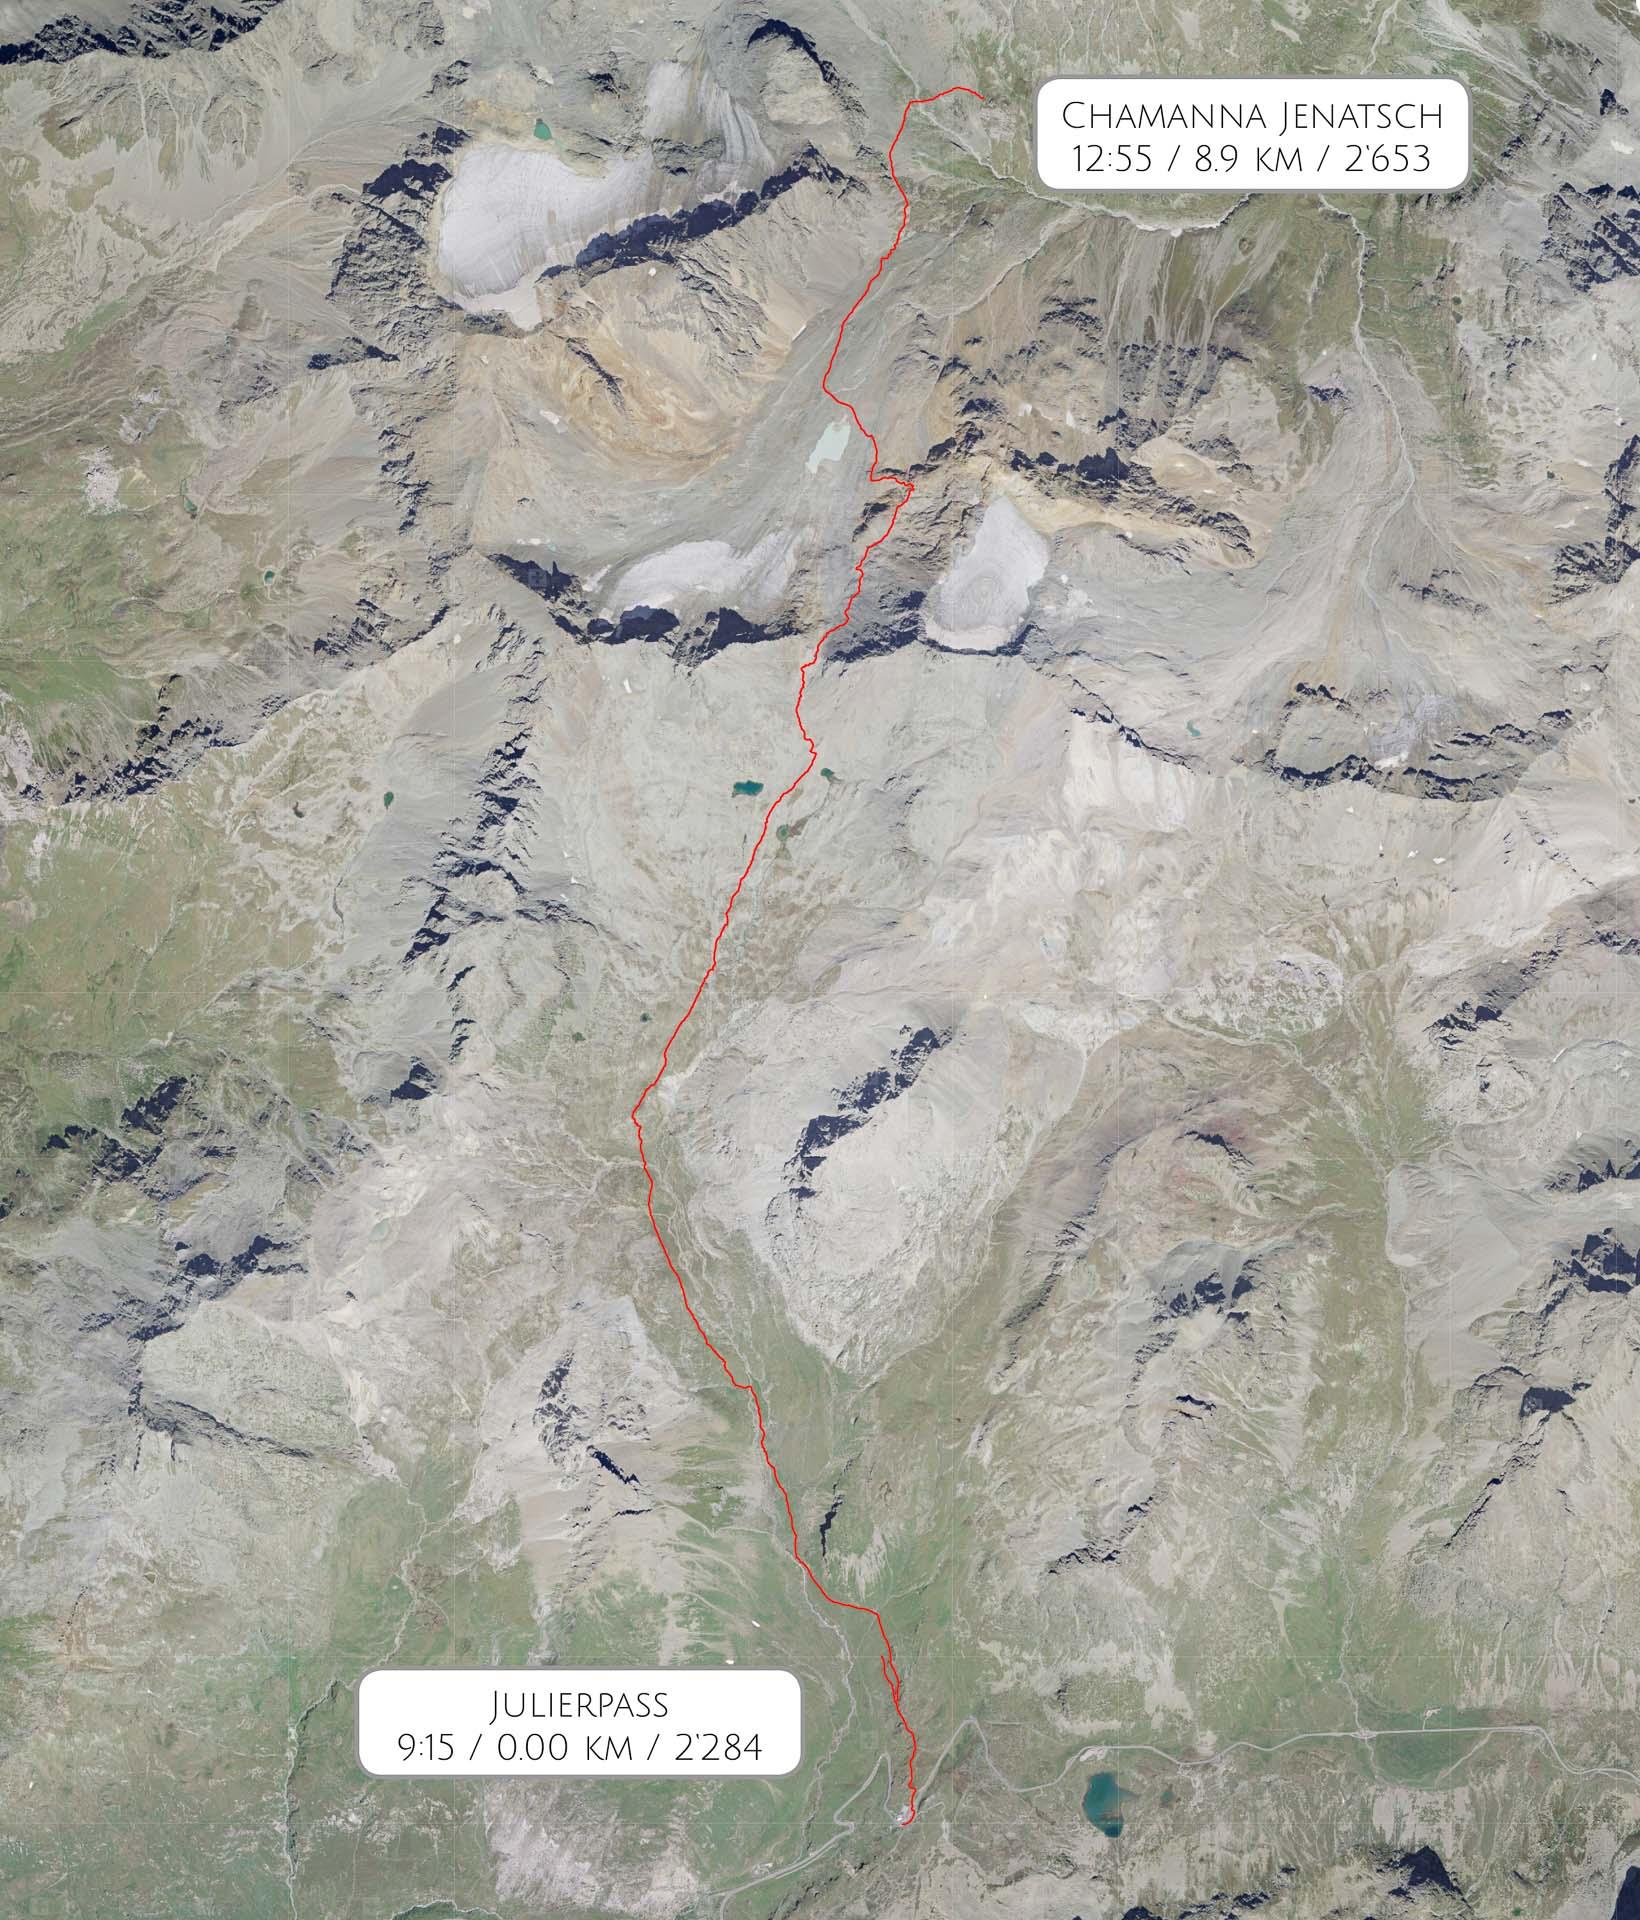 Route Julierpass – Chamanna Jenatsch